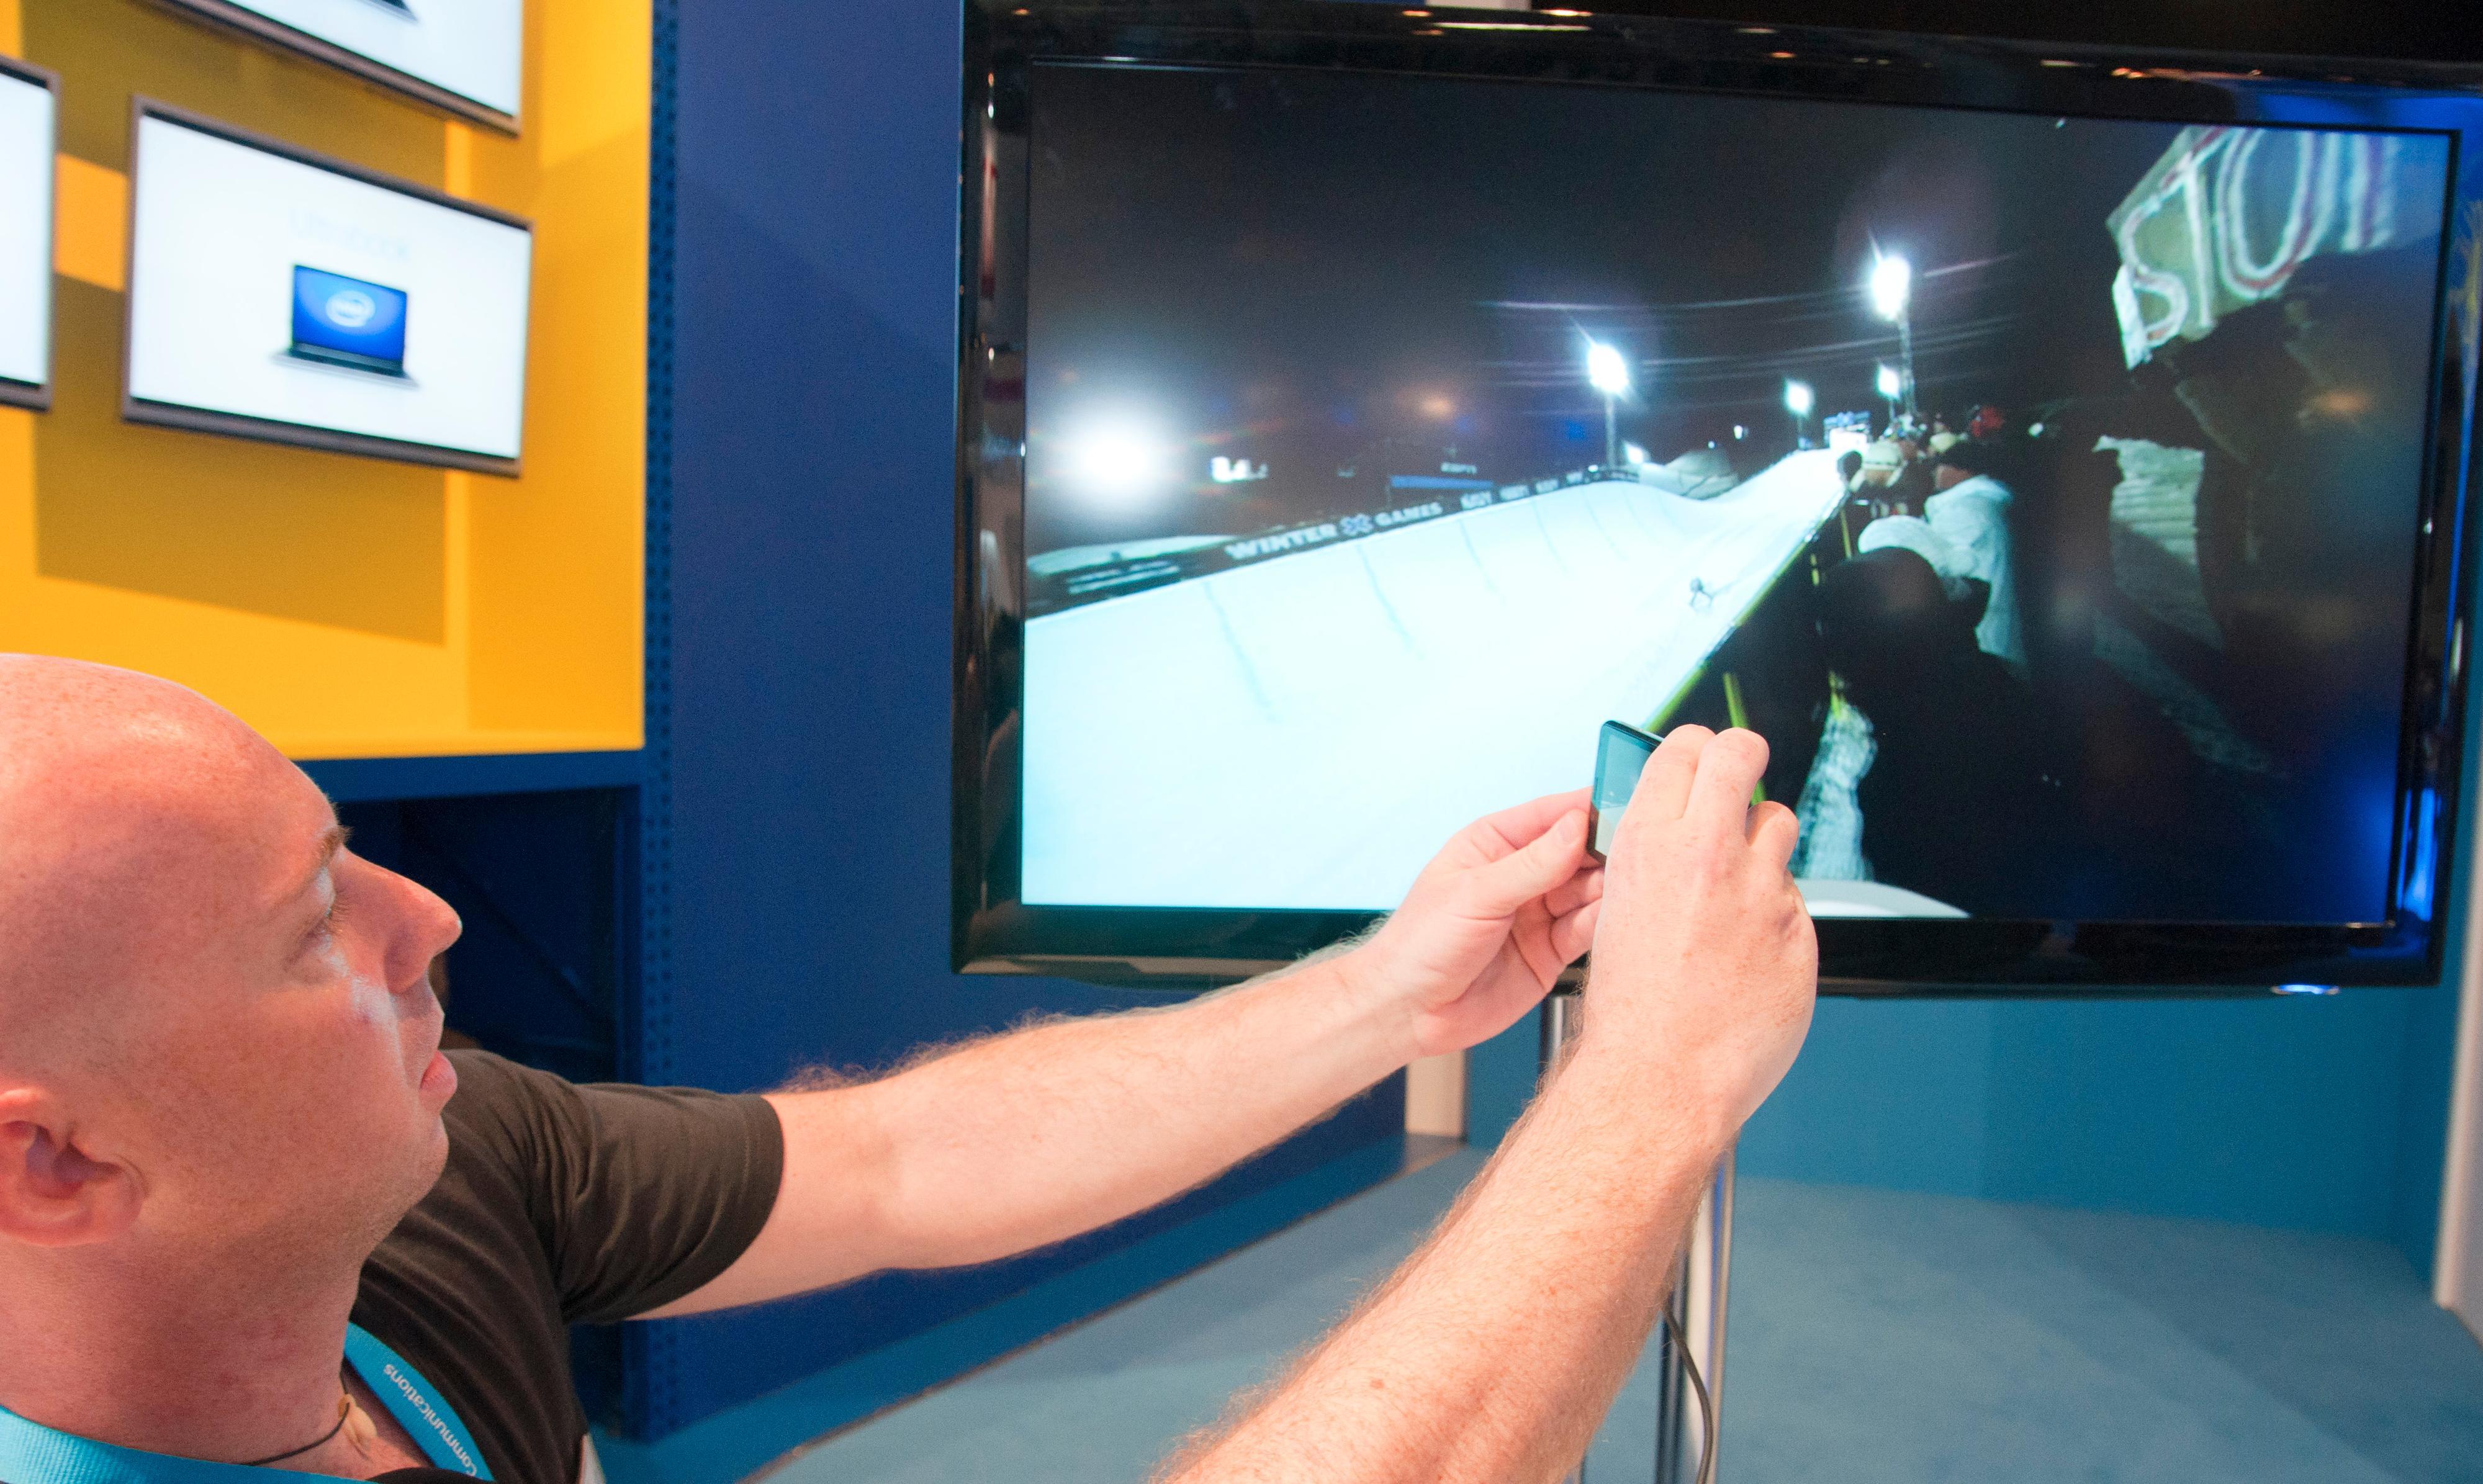 En av Intels ansatte viser frem panorering i videoavspilling på en annen Intel-basert telefon. Her kan du trekke fingrene rundt på skjermen for å endre kameravinkel sømløst mens videoen spilles. Dette kan også gjøres med Grand X IN.